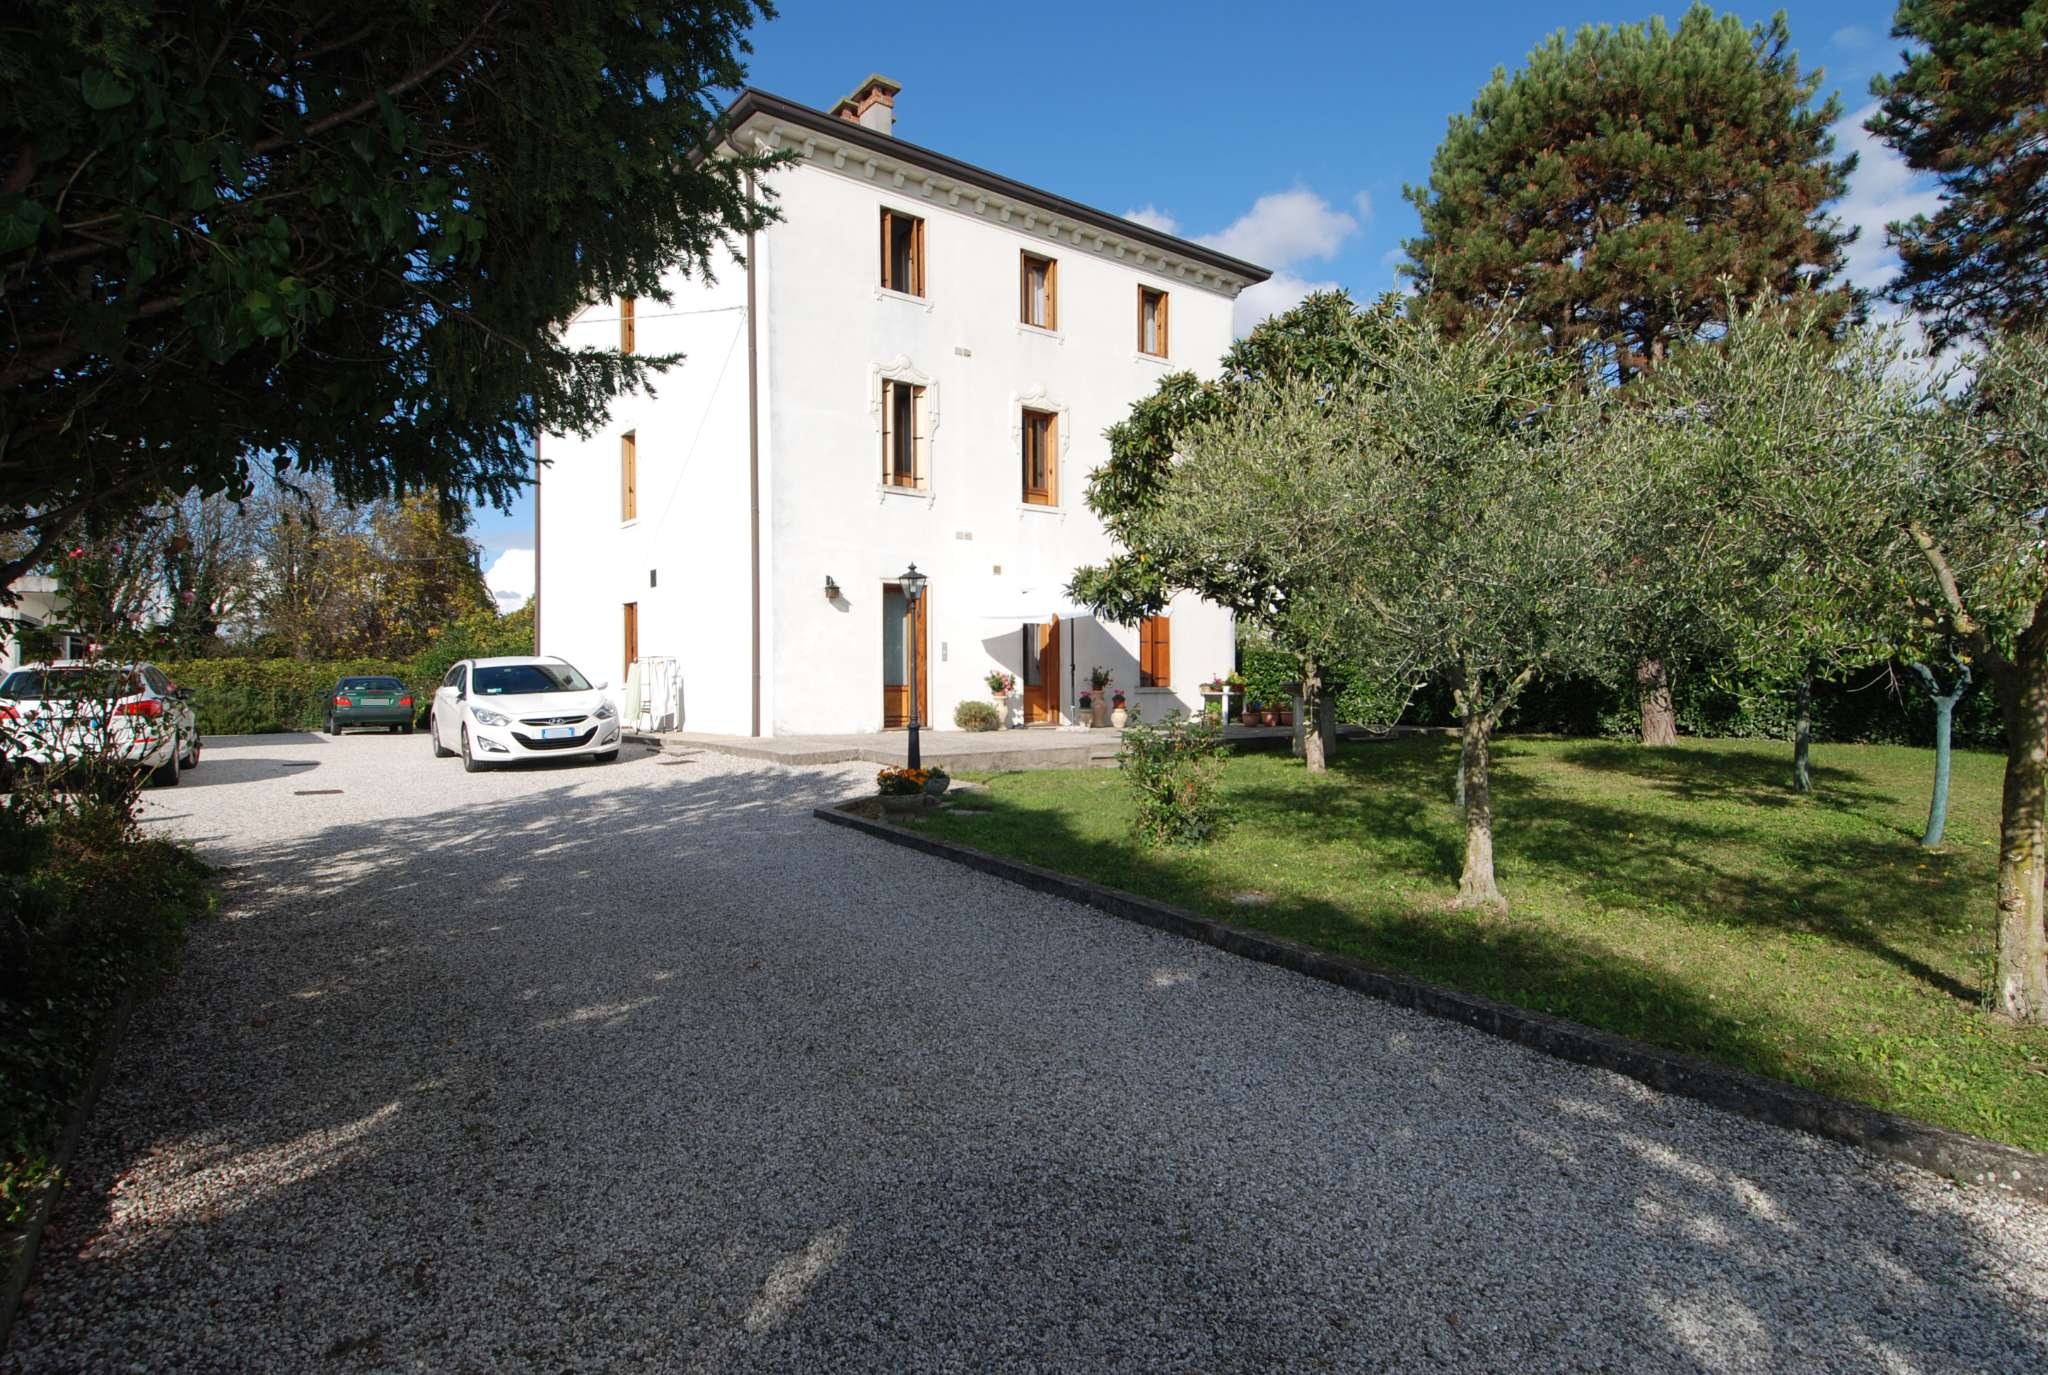 Appartamento in vendita a Piazzola sul Brenta, 4 locali, prezzo € 90.000 | PortaleAgenzieImmobiliari.it